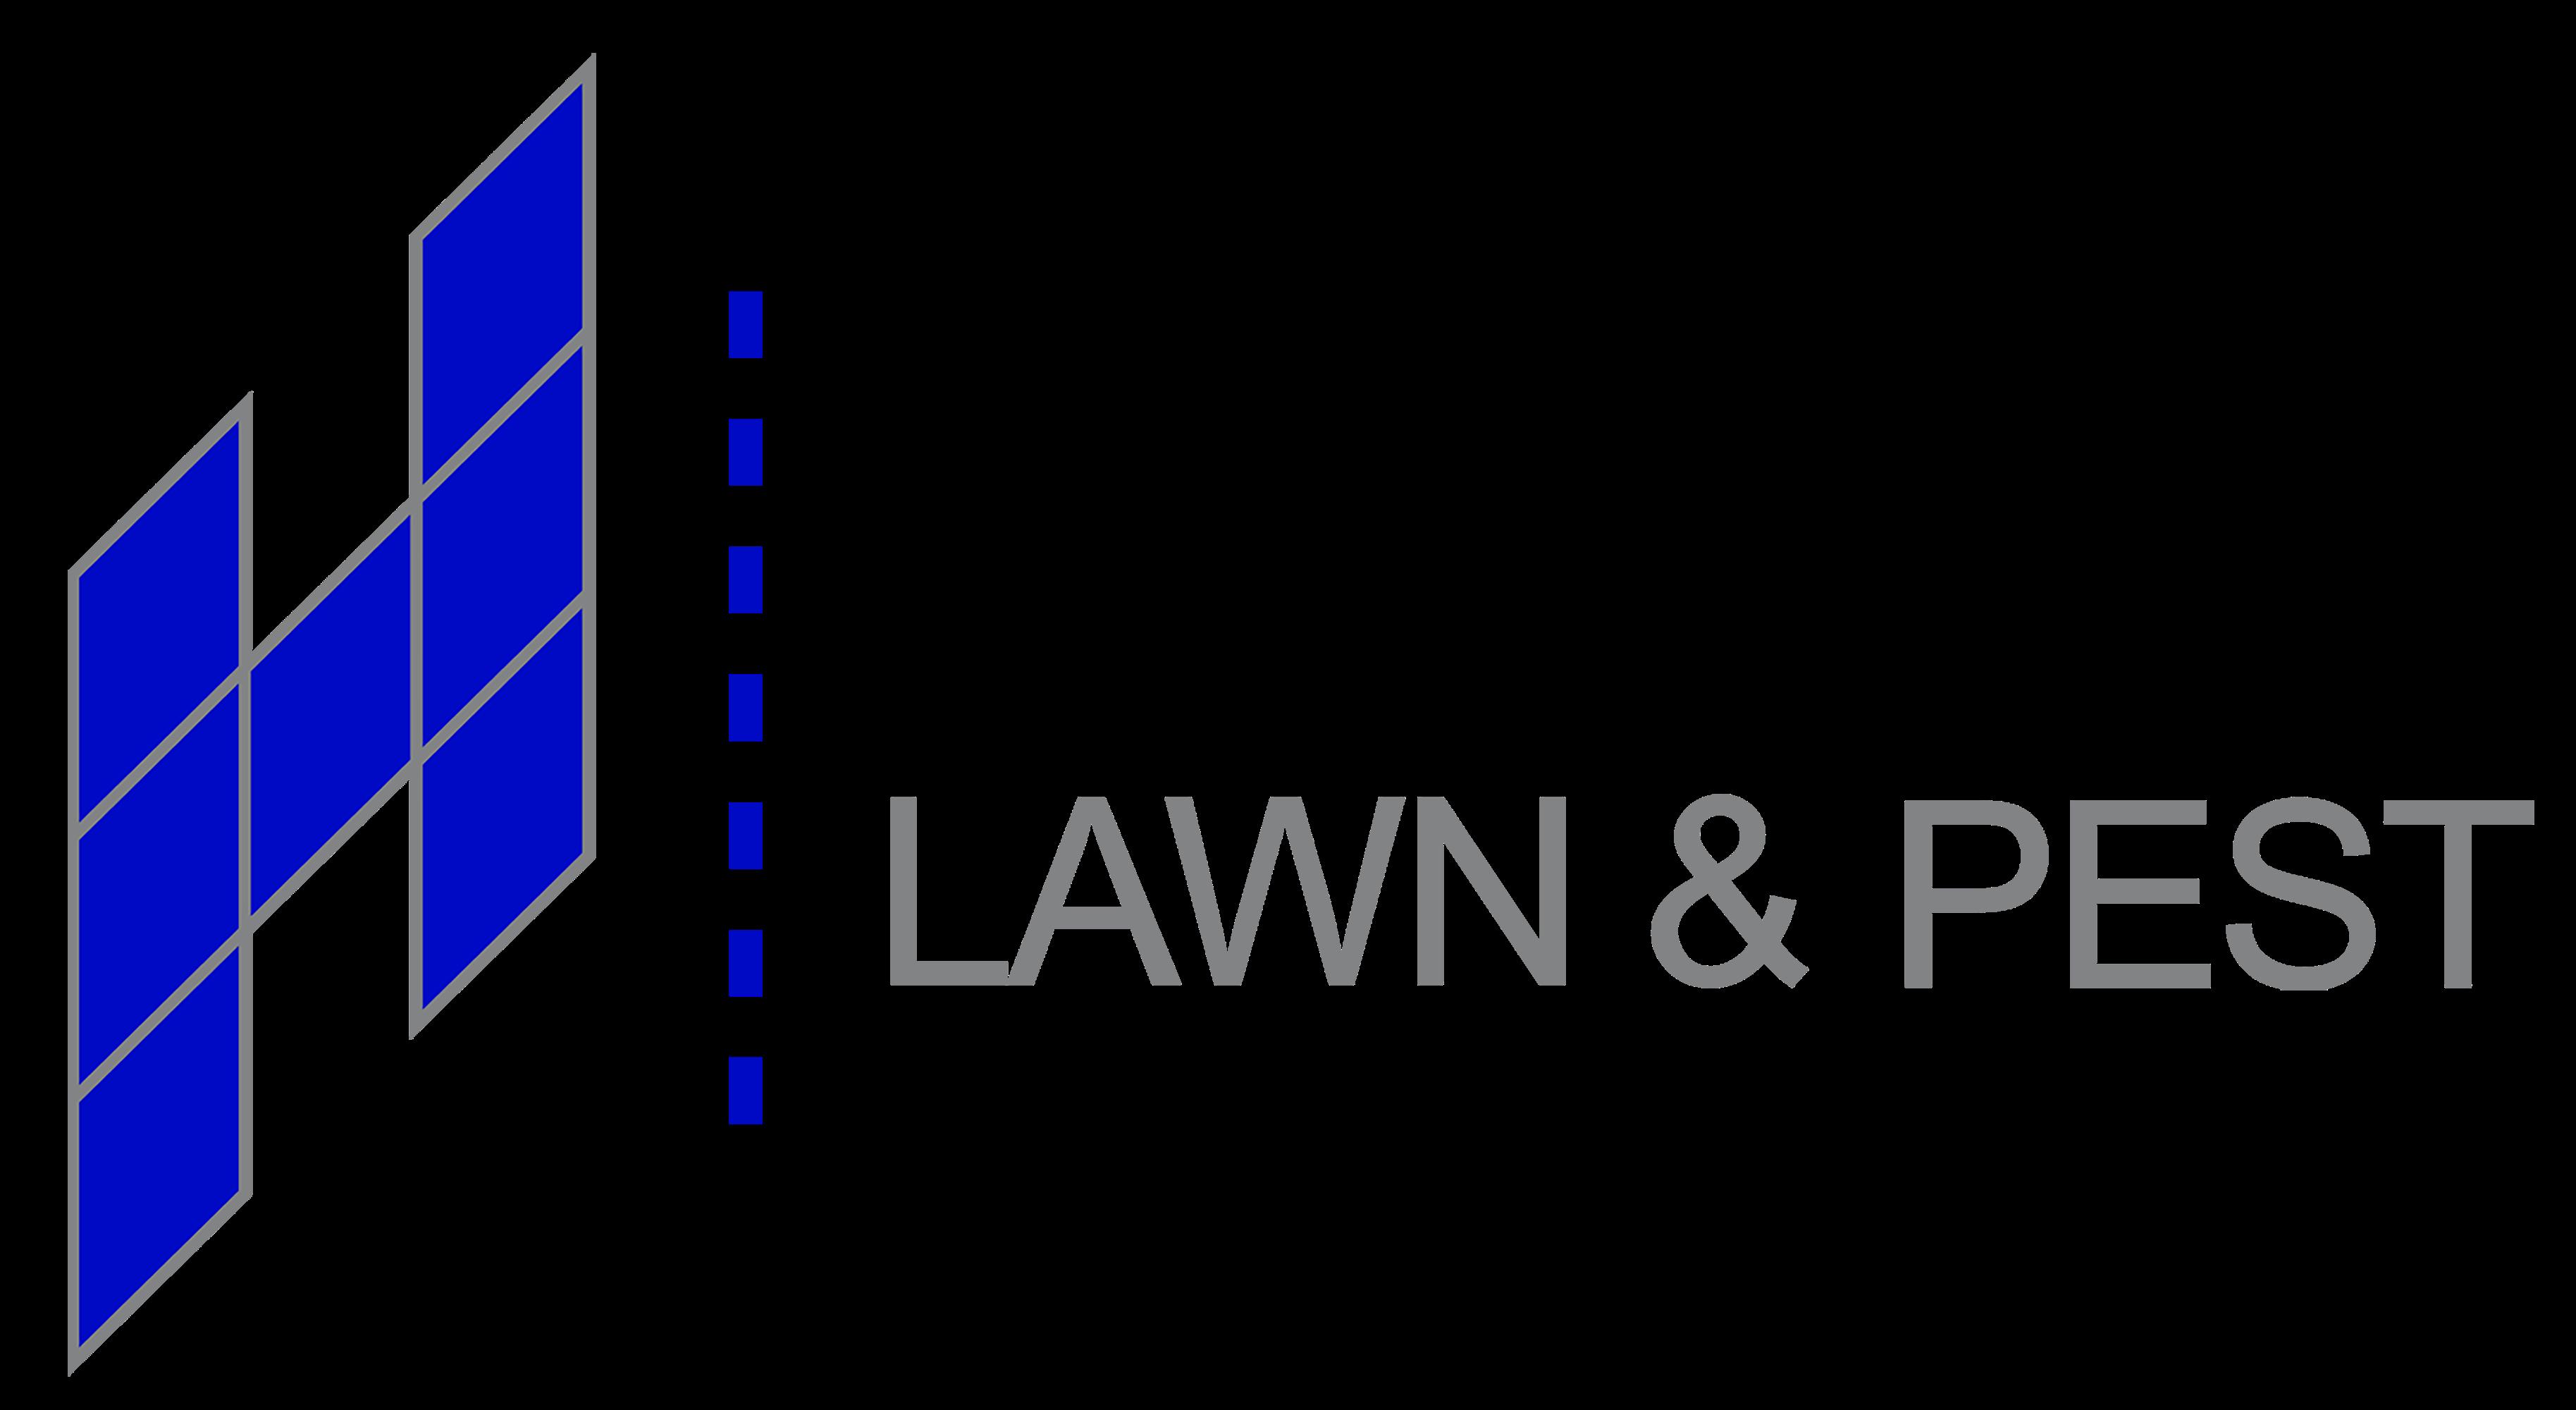 Holmes Lawn & Pest in Draper and Salt Lake City Utah